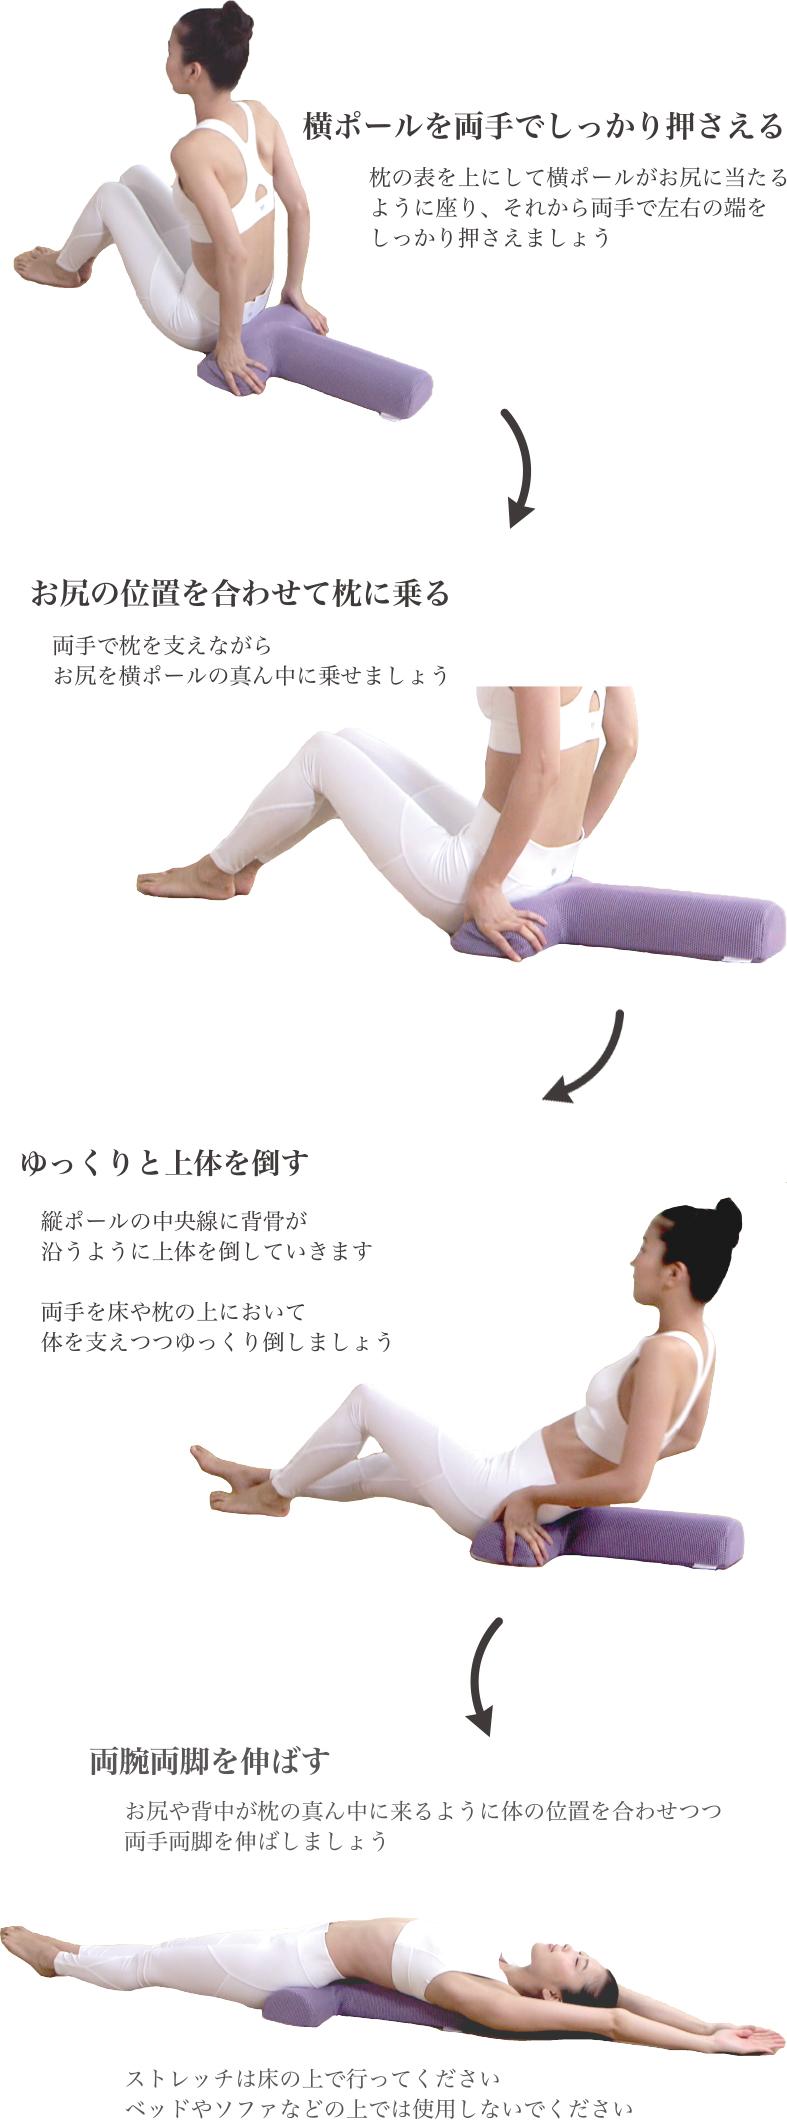 大胸筋・腹直筋・腸腰筋の3ヵ所を中心に、体中がグーッと伸びていく気持ちよさ。予約殺到「ソリデンテ南青山」サロンの技を自宅で体感できる「ストレッチ枕」|ミオドレ式寝るだけストレッチ枕